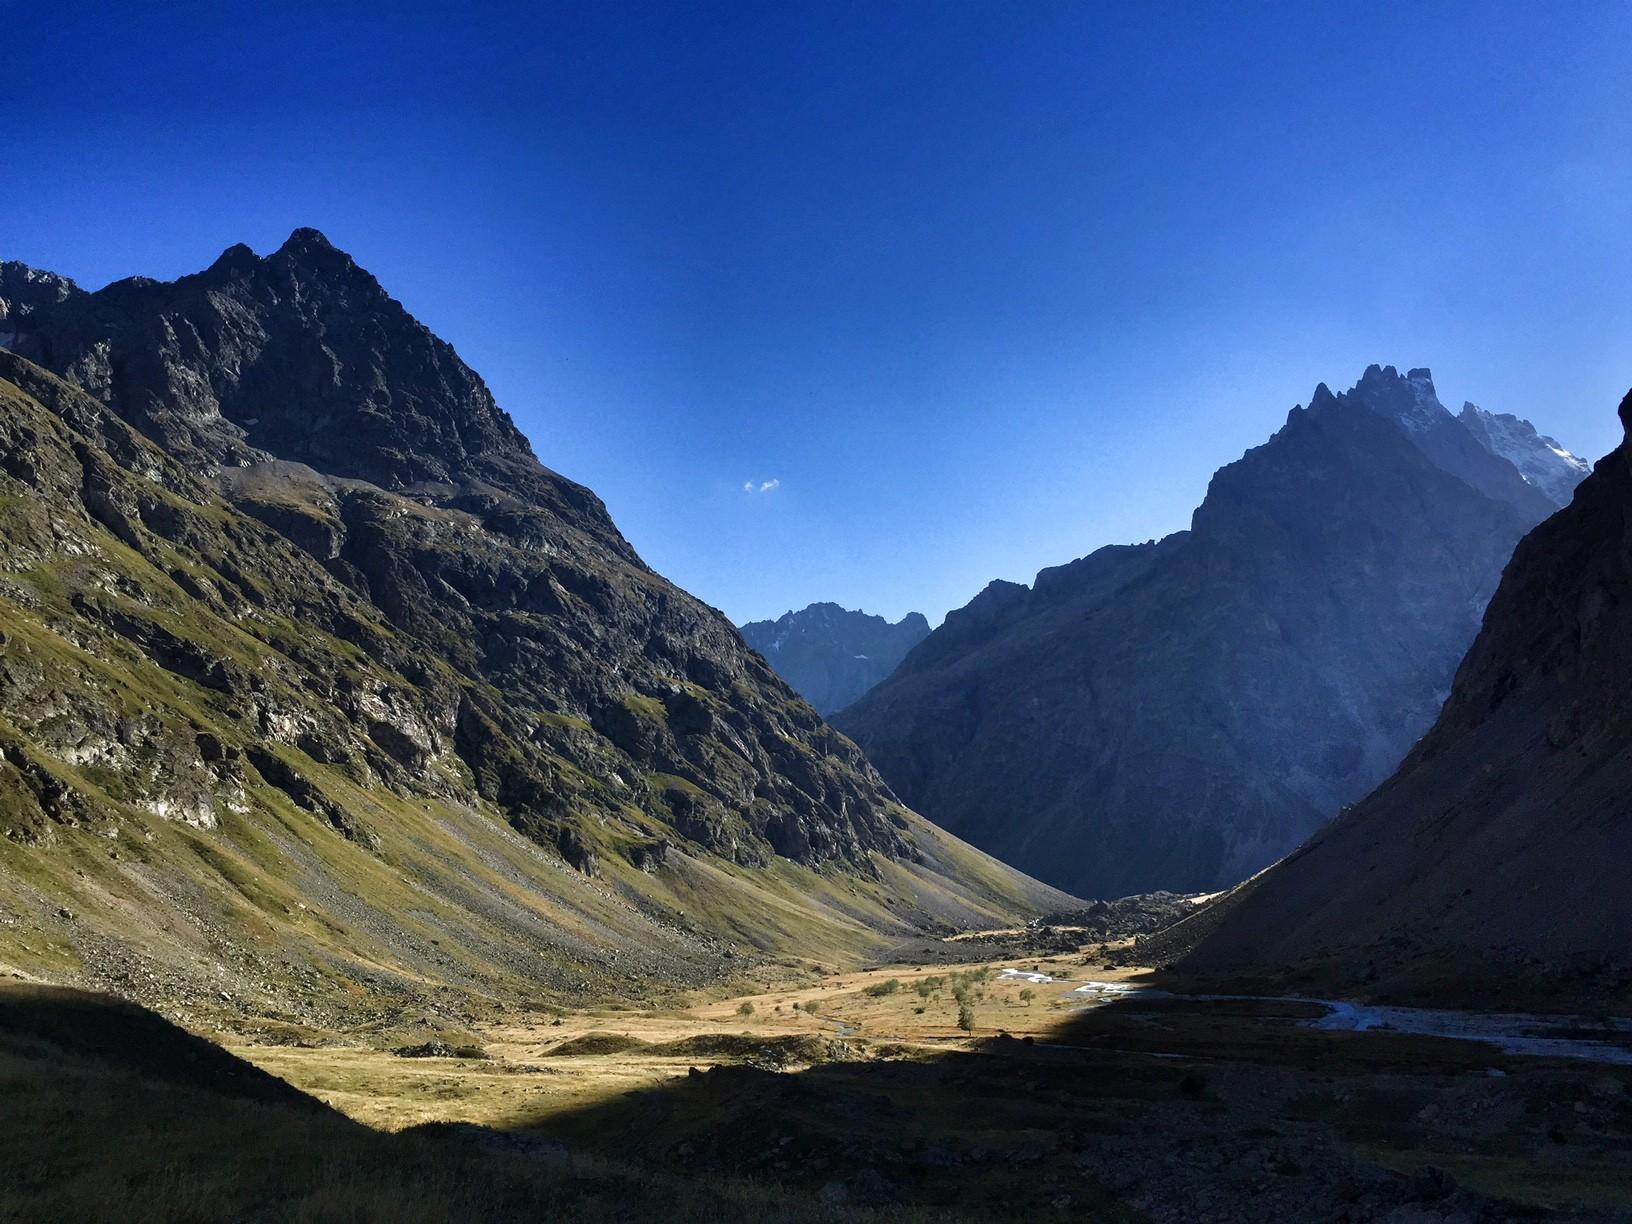 La Romanche s'écoulant dans le vallon de Valfourche...